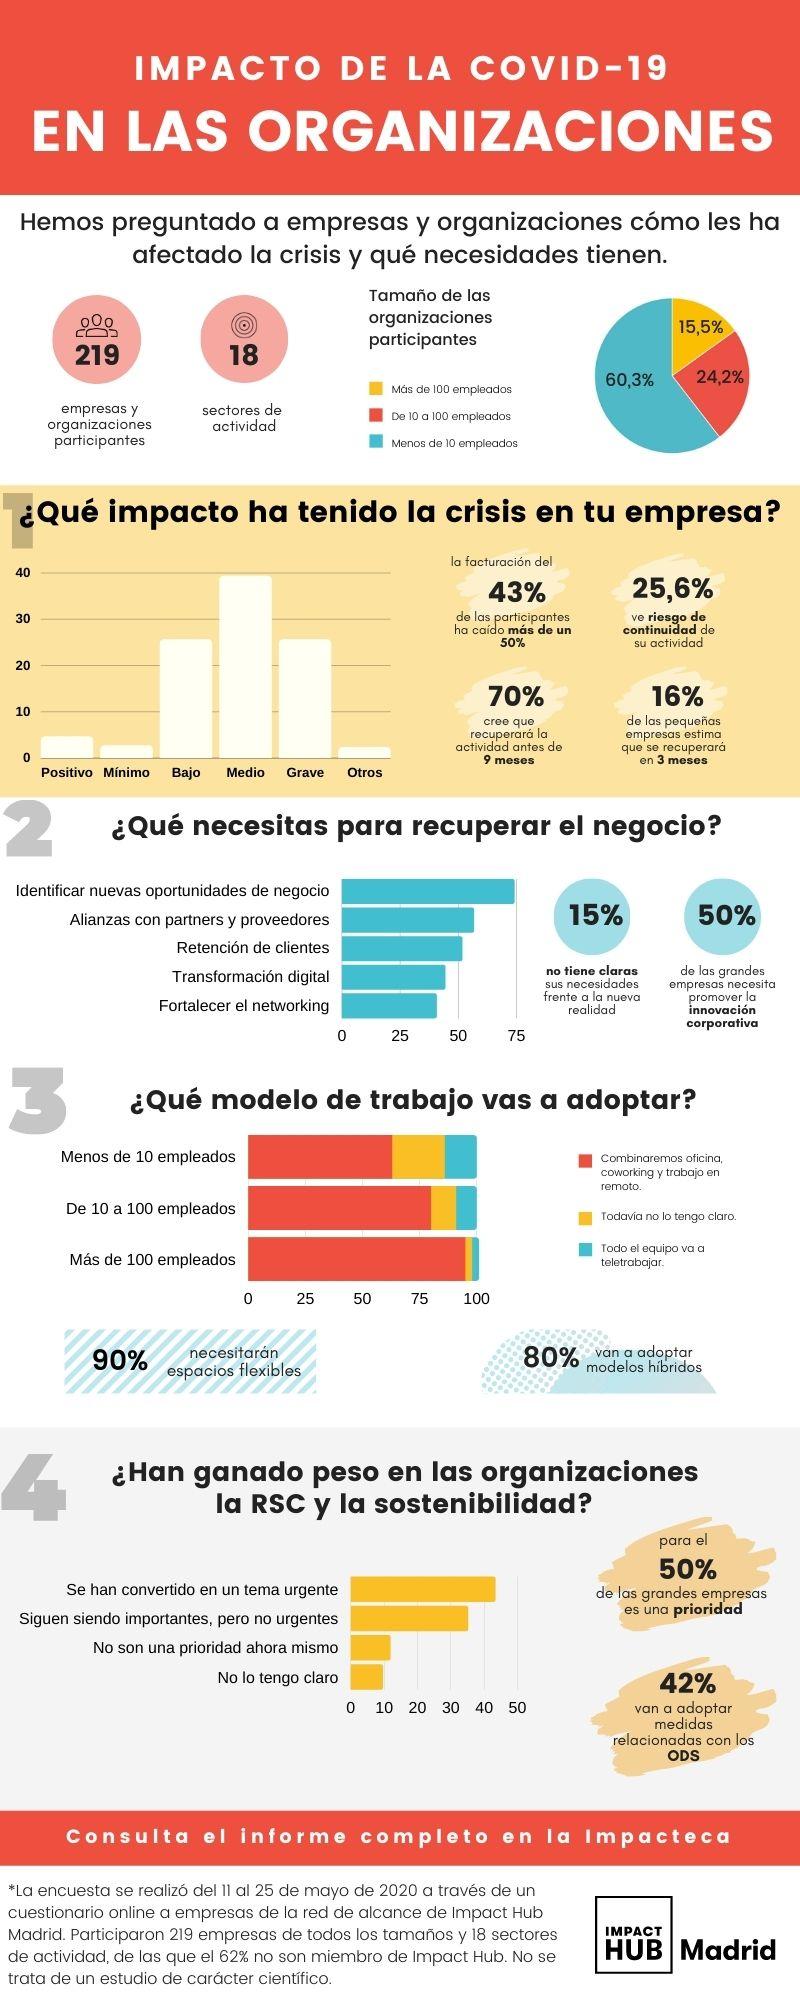 El 80% de empresas adoptará modelos híbridos de trabajo, según una encuesta de Impact Hub Madrid